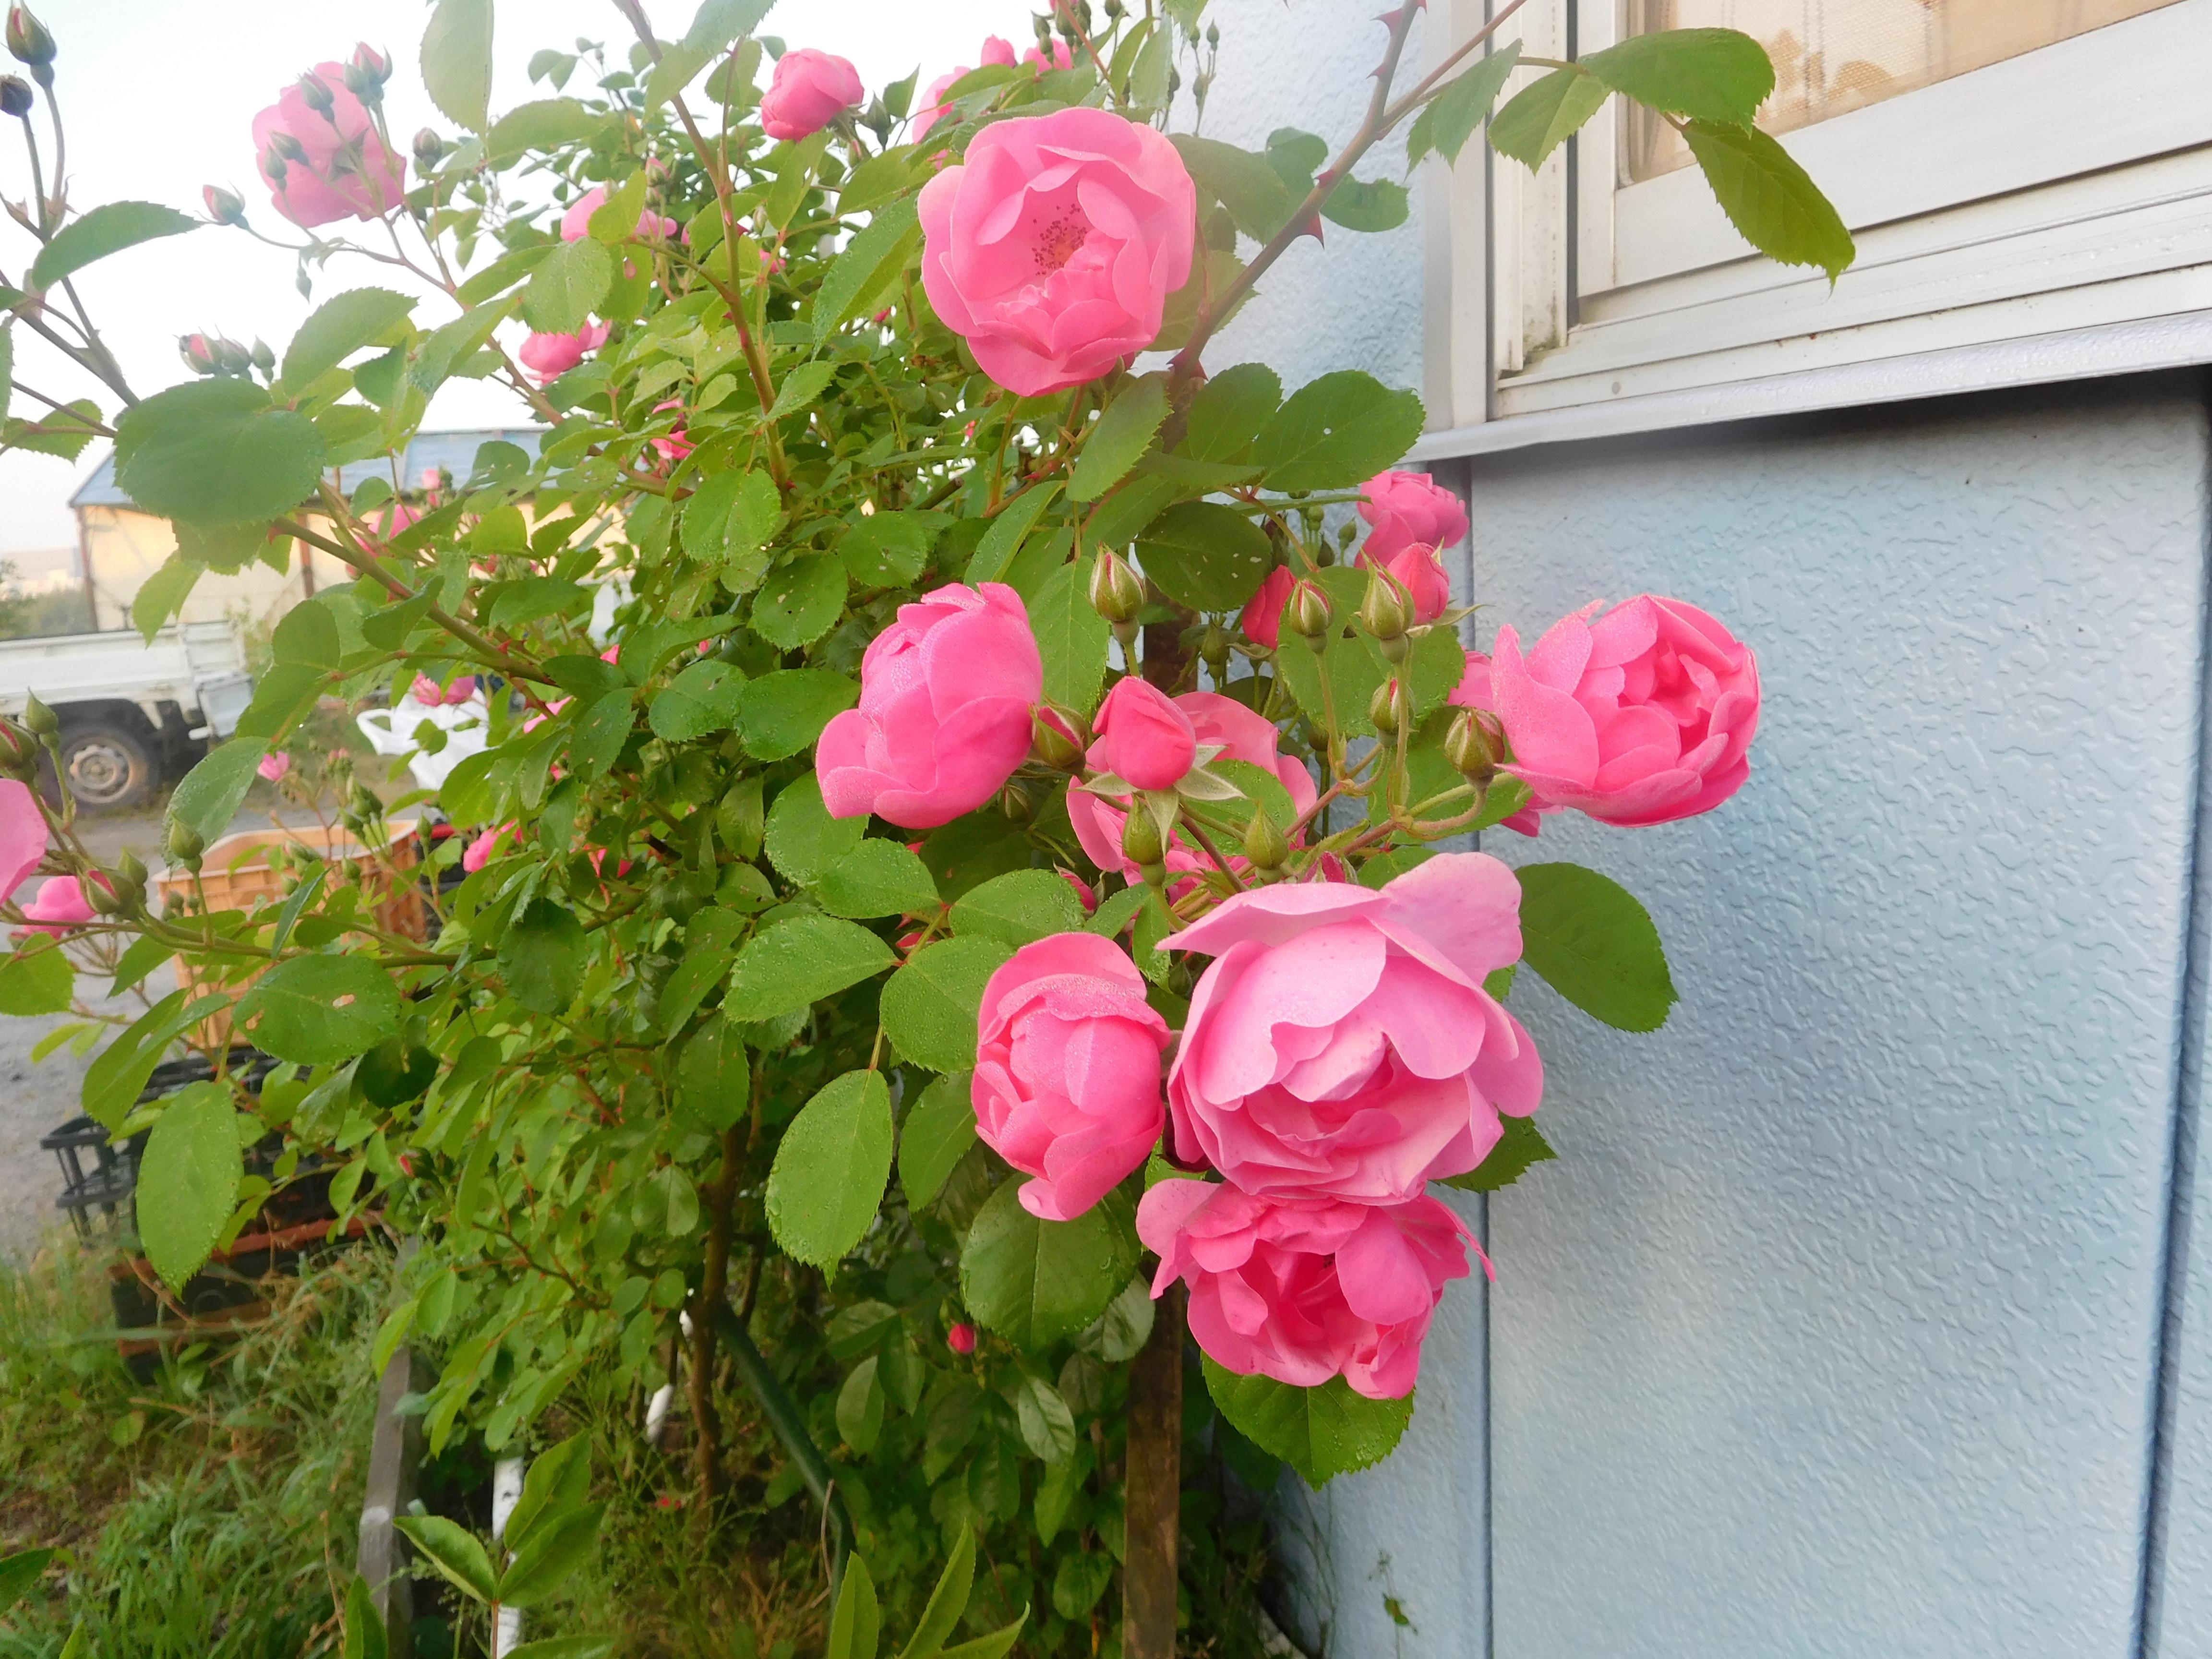 伊賀教室近くで育てているオーガニックの薔薇